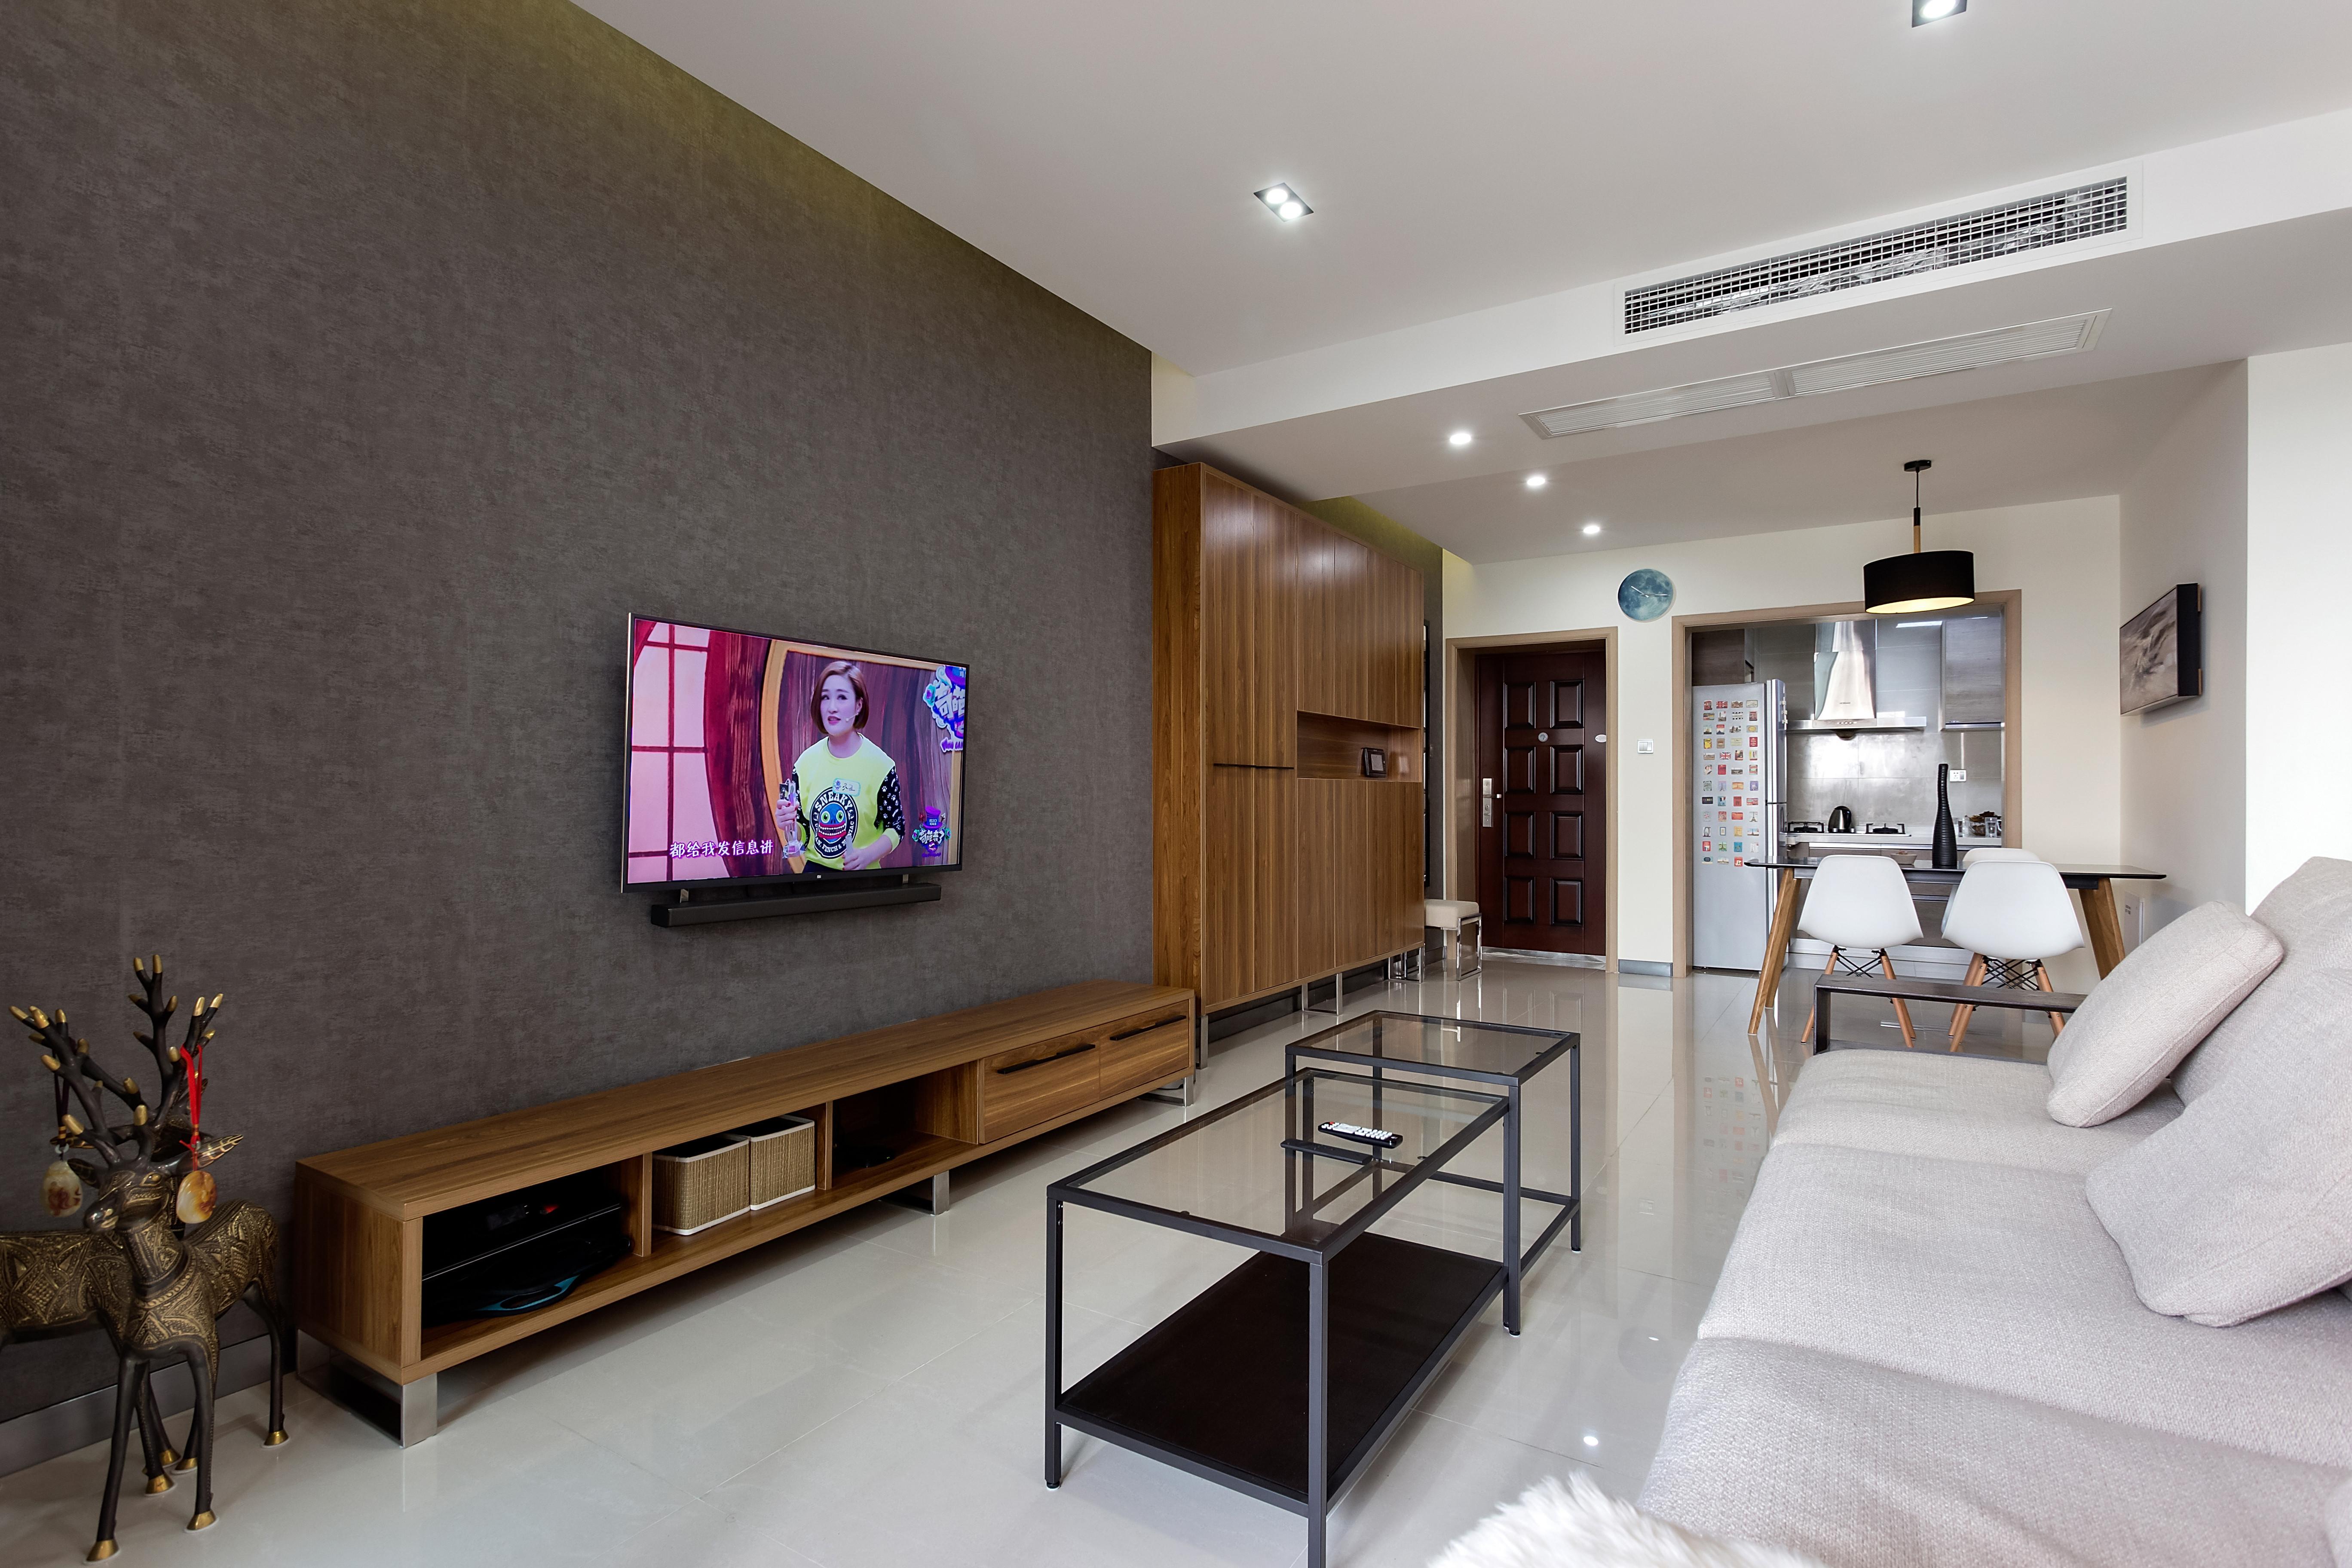 二居室简约风格设计电视背景墙图片